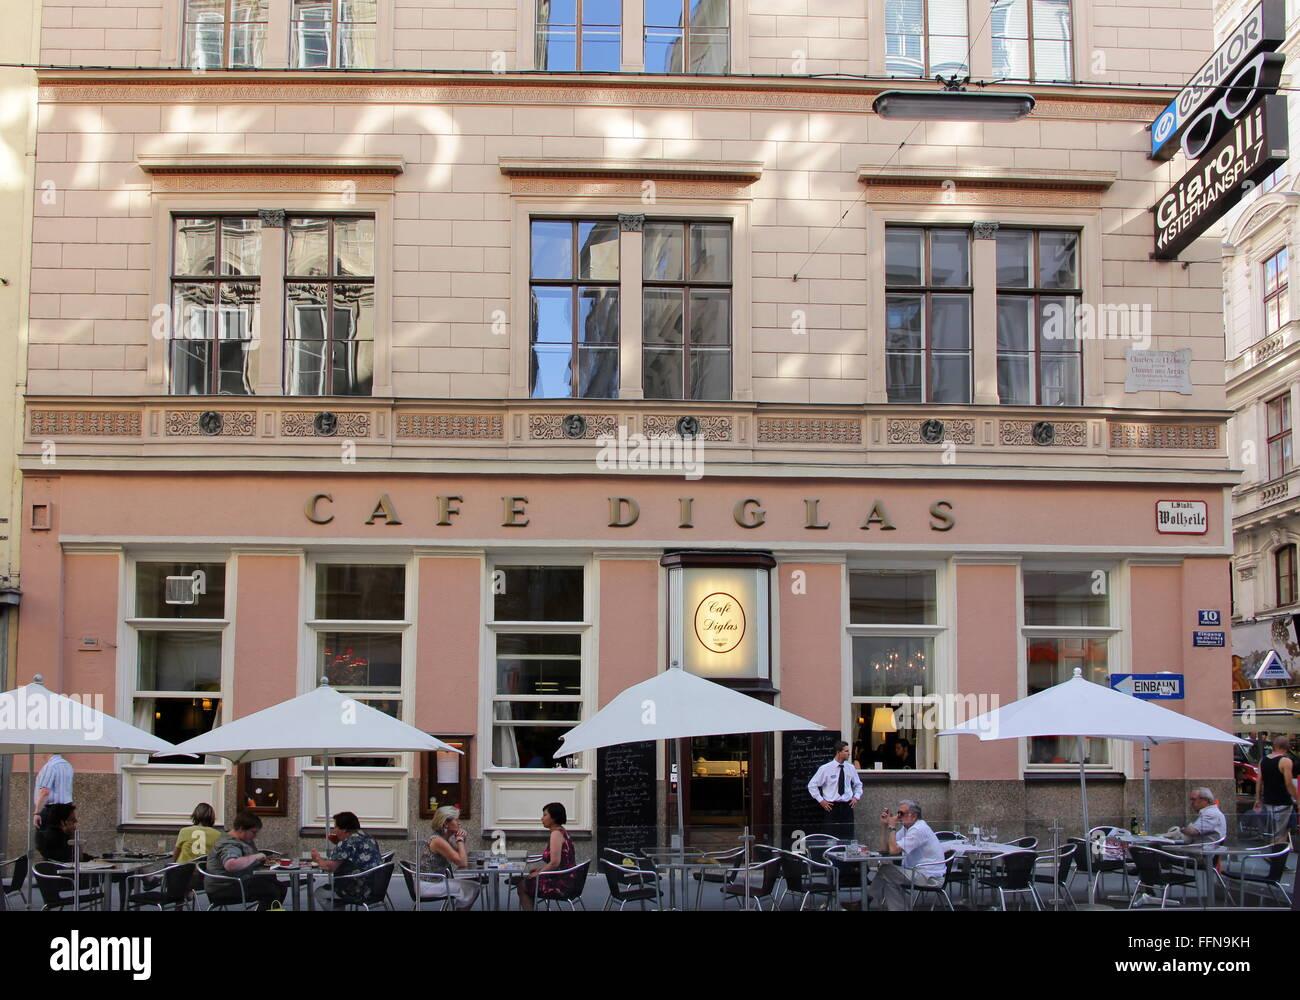 Géographie / voyage, Autriche, Vienne, gastronomie, café Diglas, vue extérieure, Additional-Rights Photo Stock